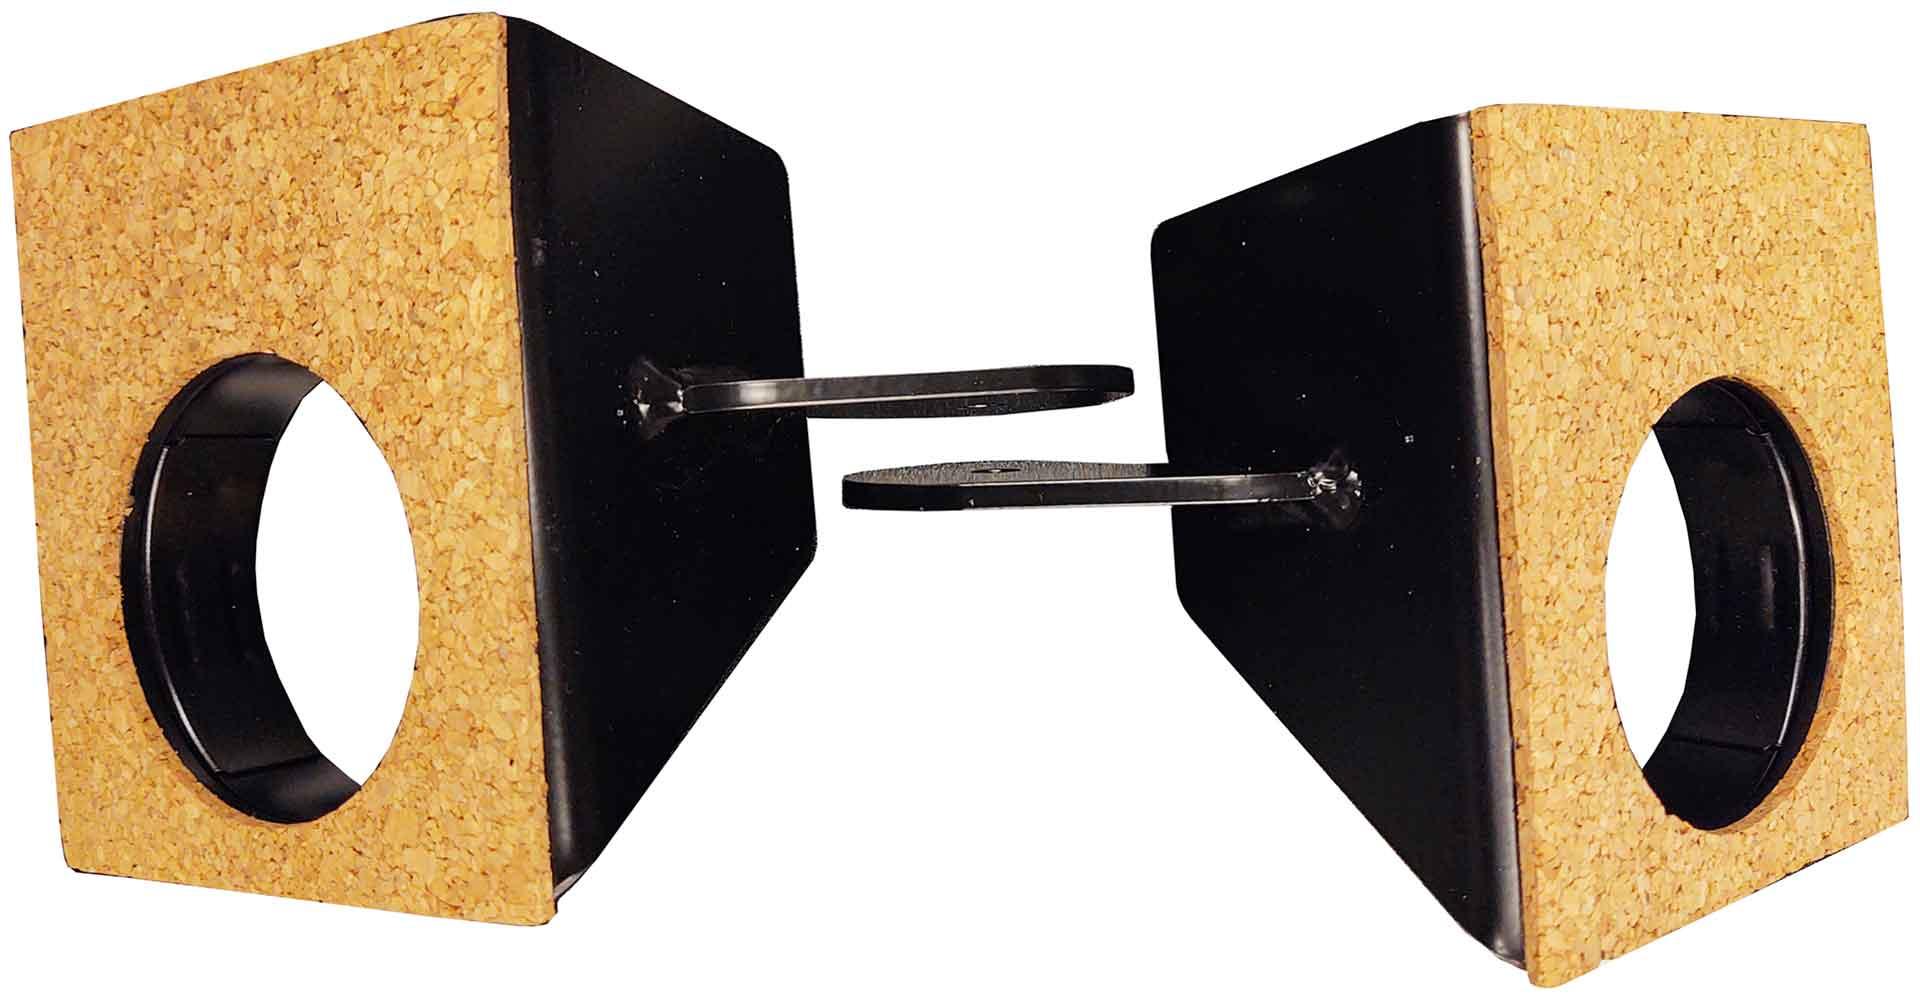 Frameco ICM joystick holders